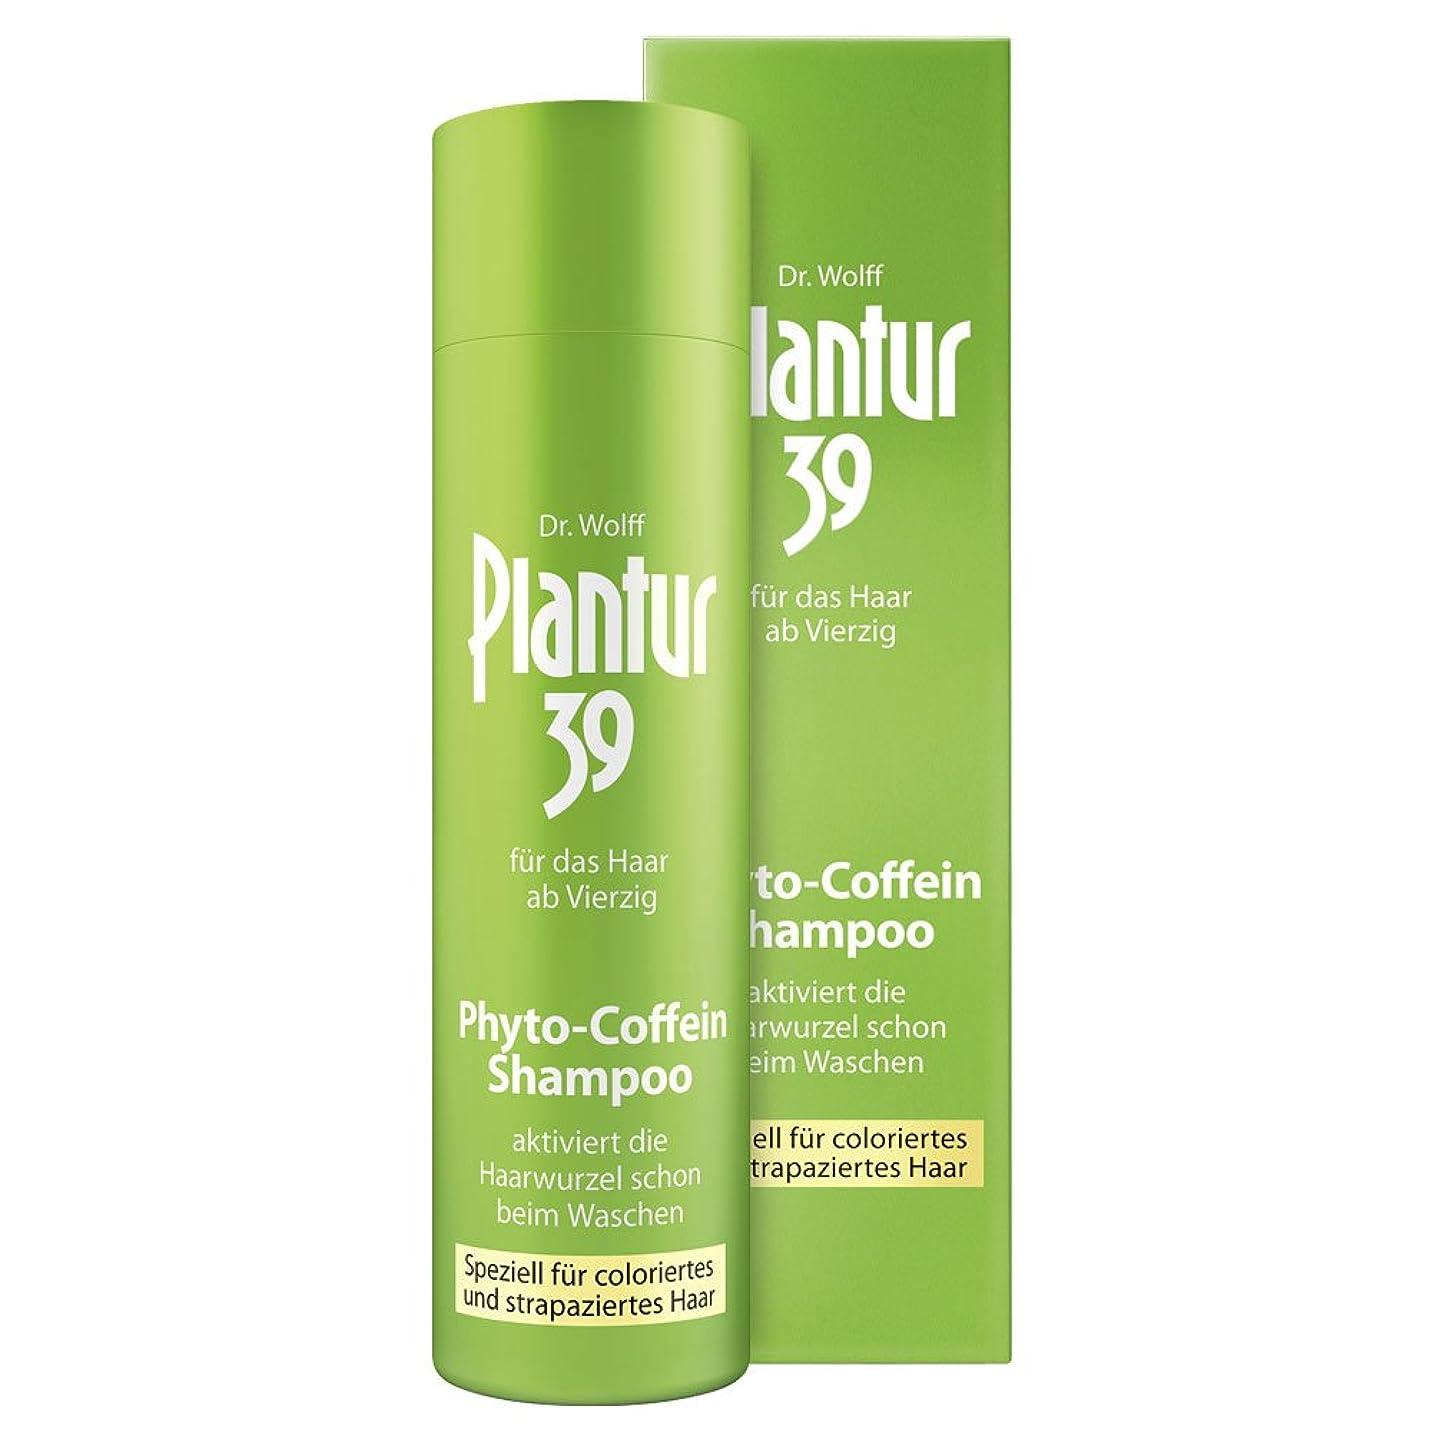 まばたき成長特定のPlantur 39 Shampoo Phyto-Coffein Coloriertes & Strapaziertes Haar, 250 ml プラントル39シャンプーフィト - コフィンカラー化粧品&ハーブ [並行輸入品]